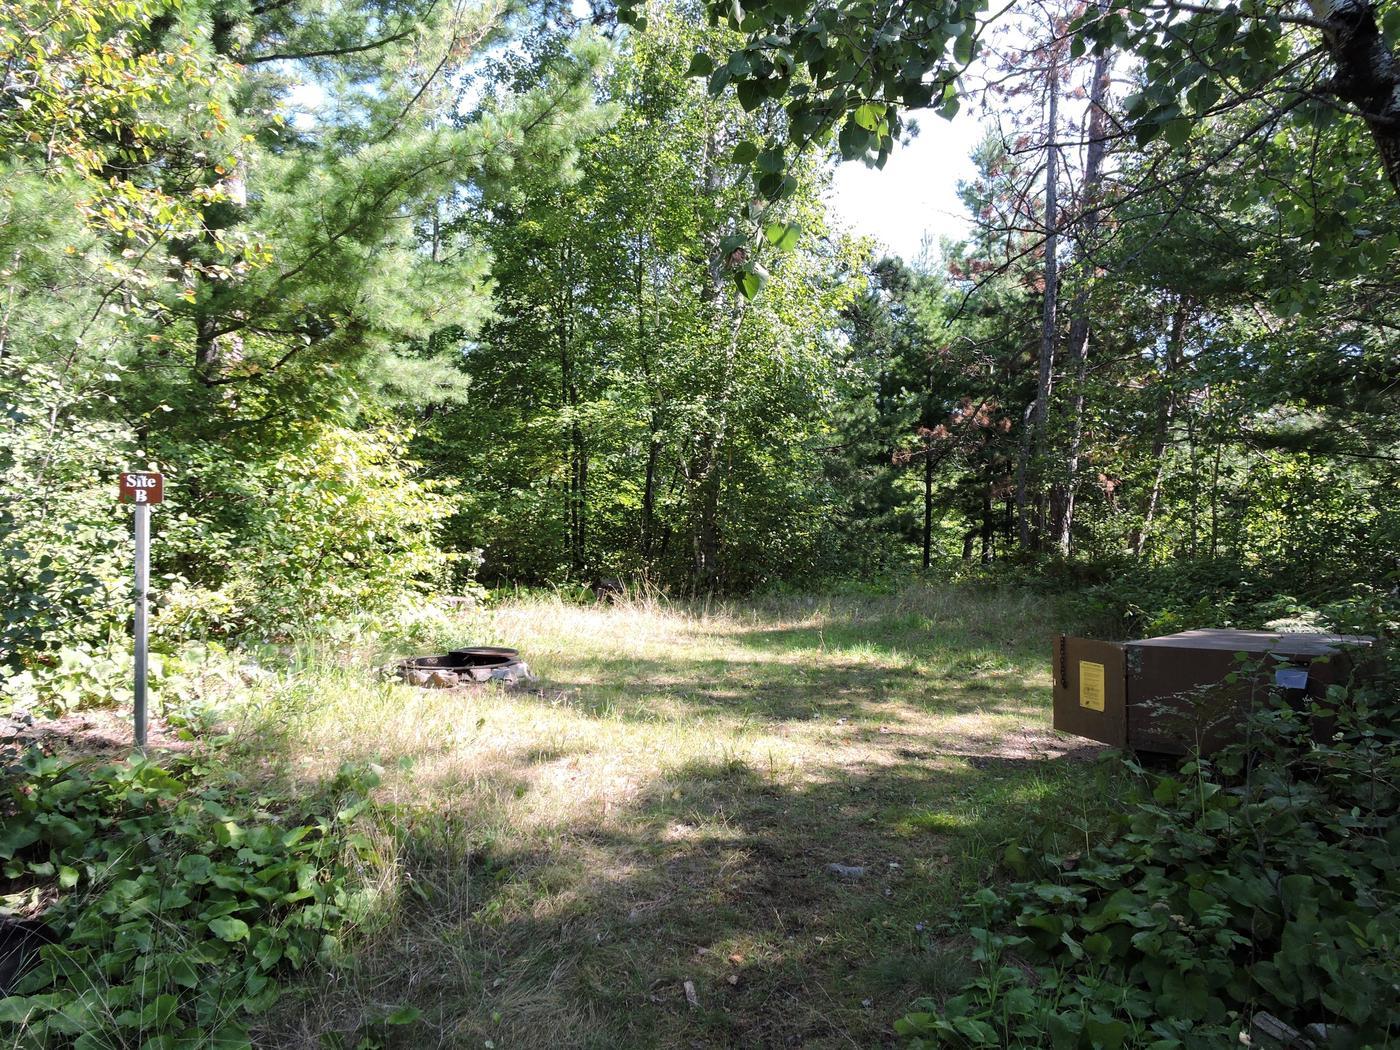 S12 - Mukooda Lake Campground (Site B)